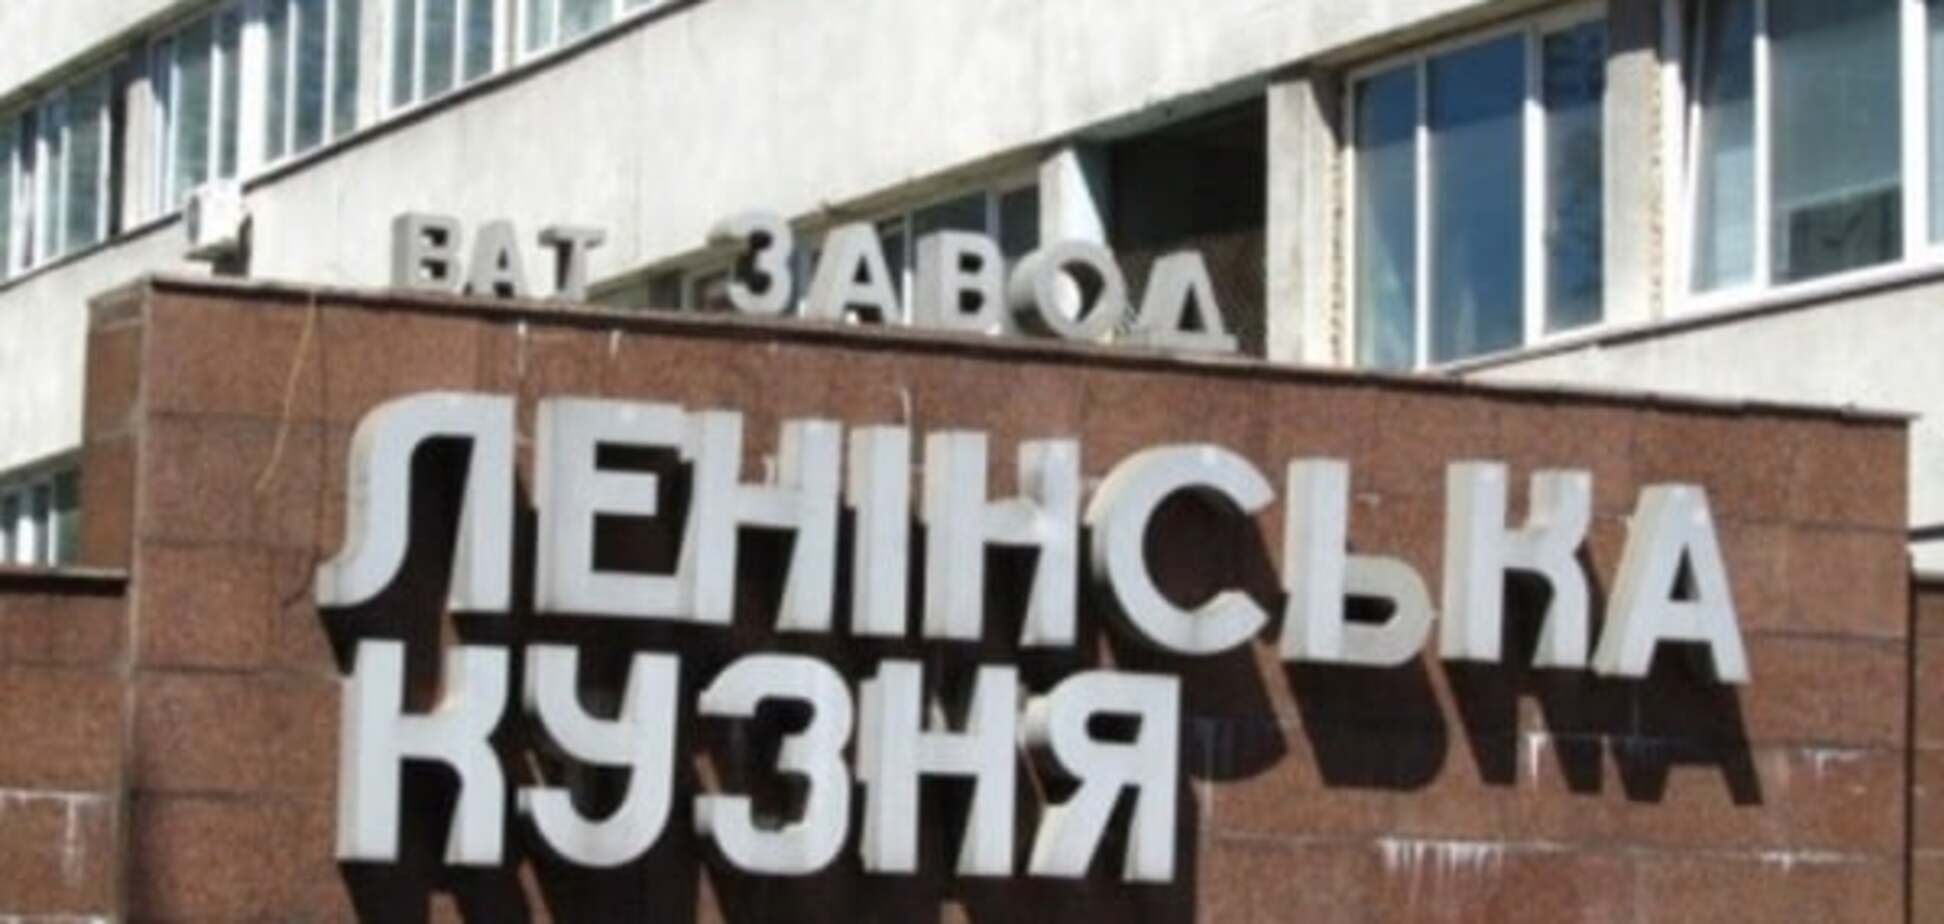 Декомунізація: в Києві запропонували 'Ленінську кузню' зробити 'Бандерівською'